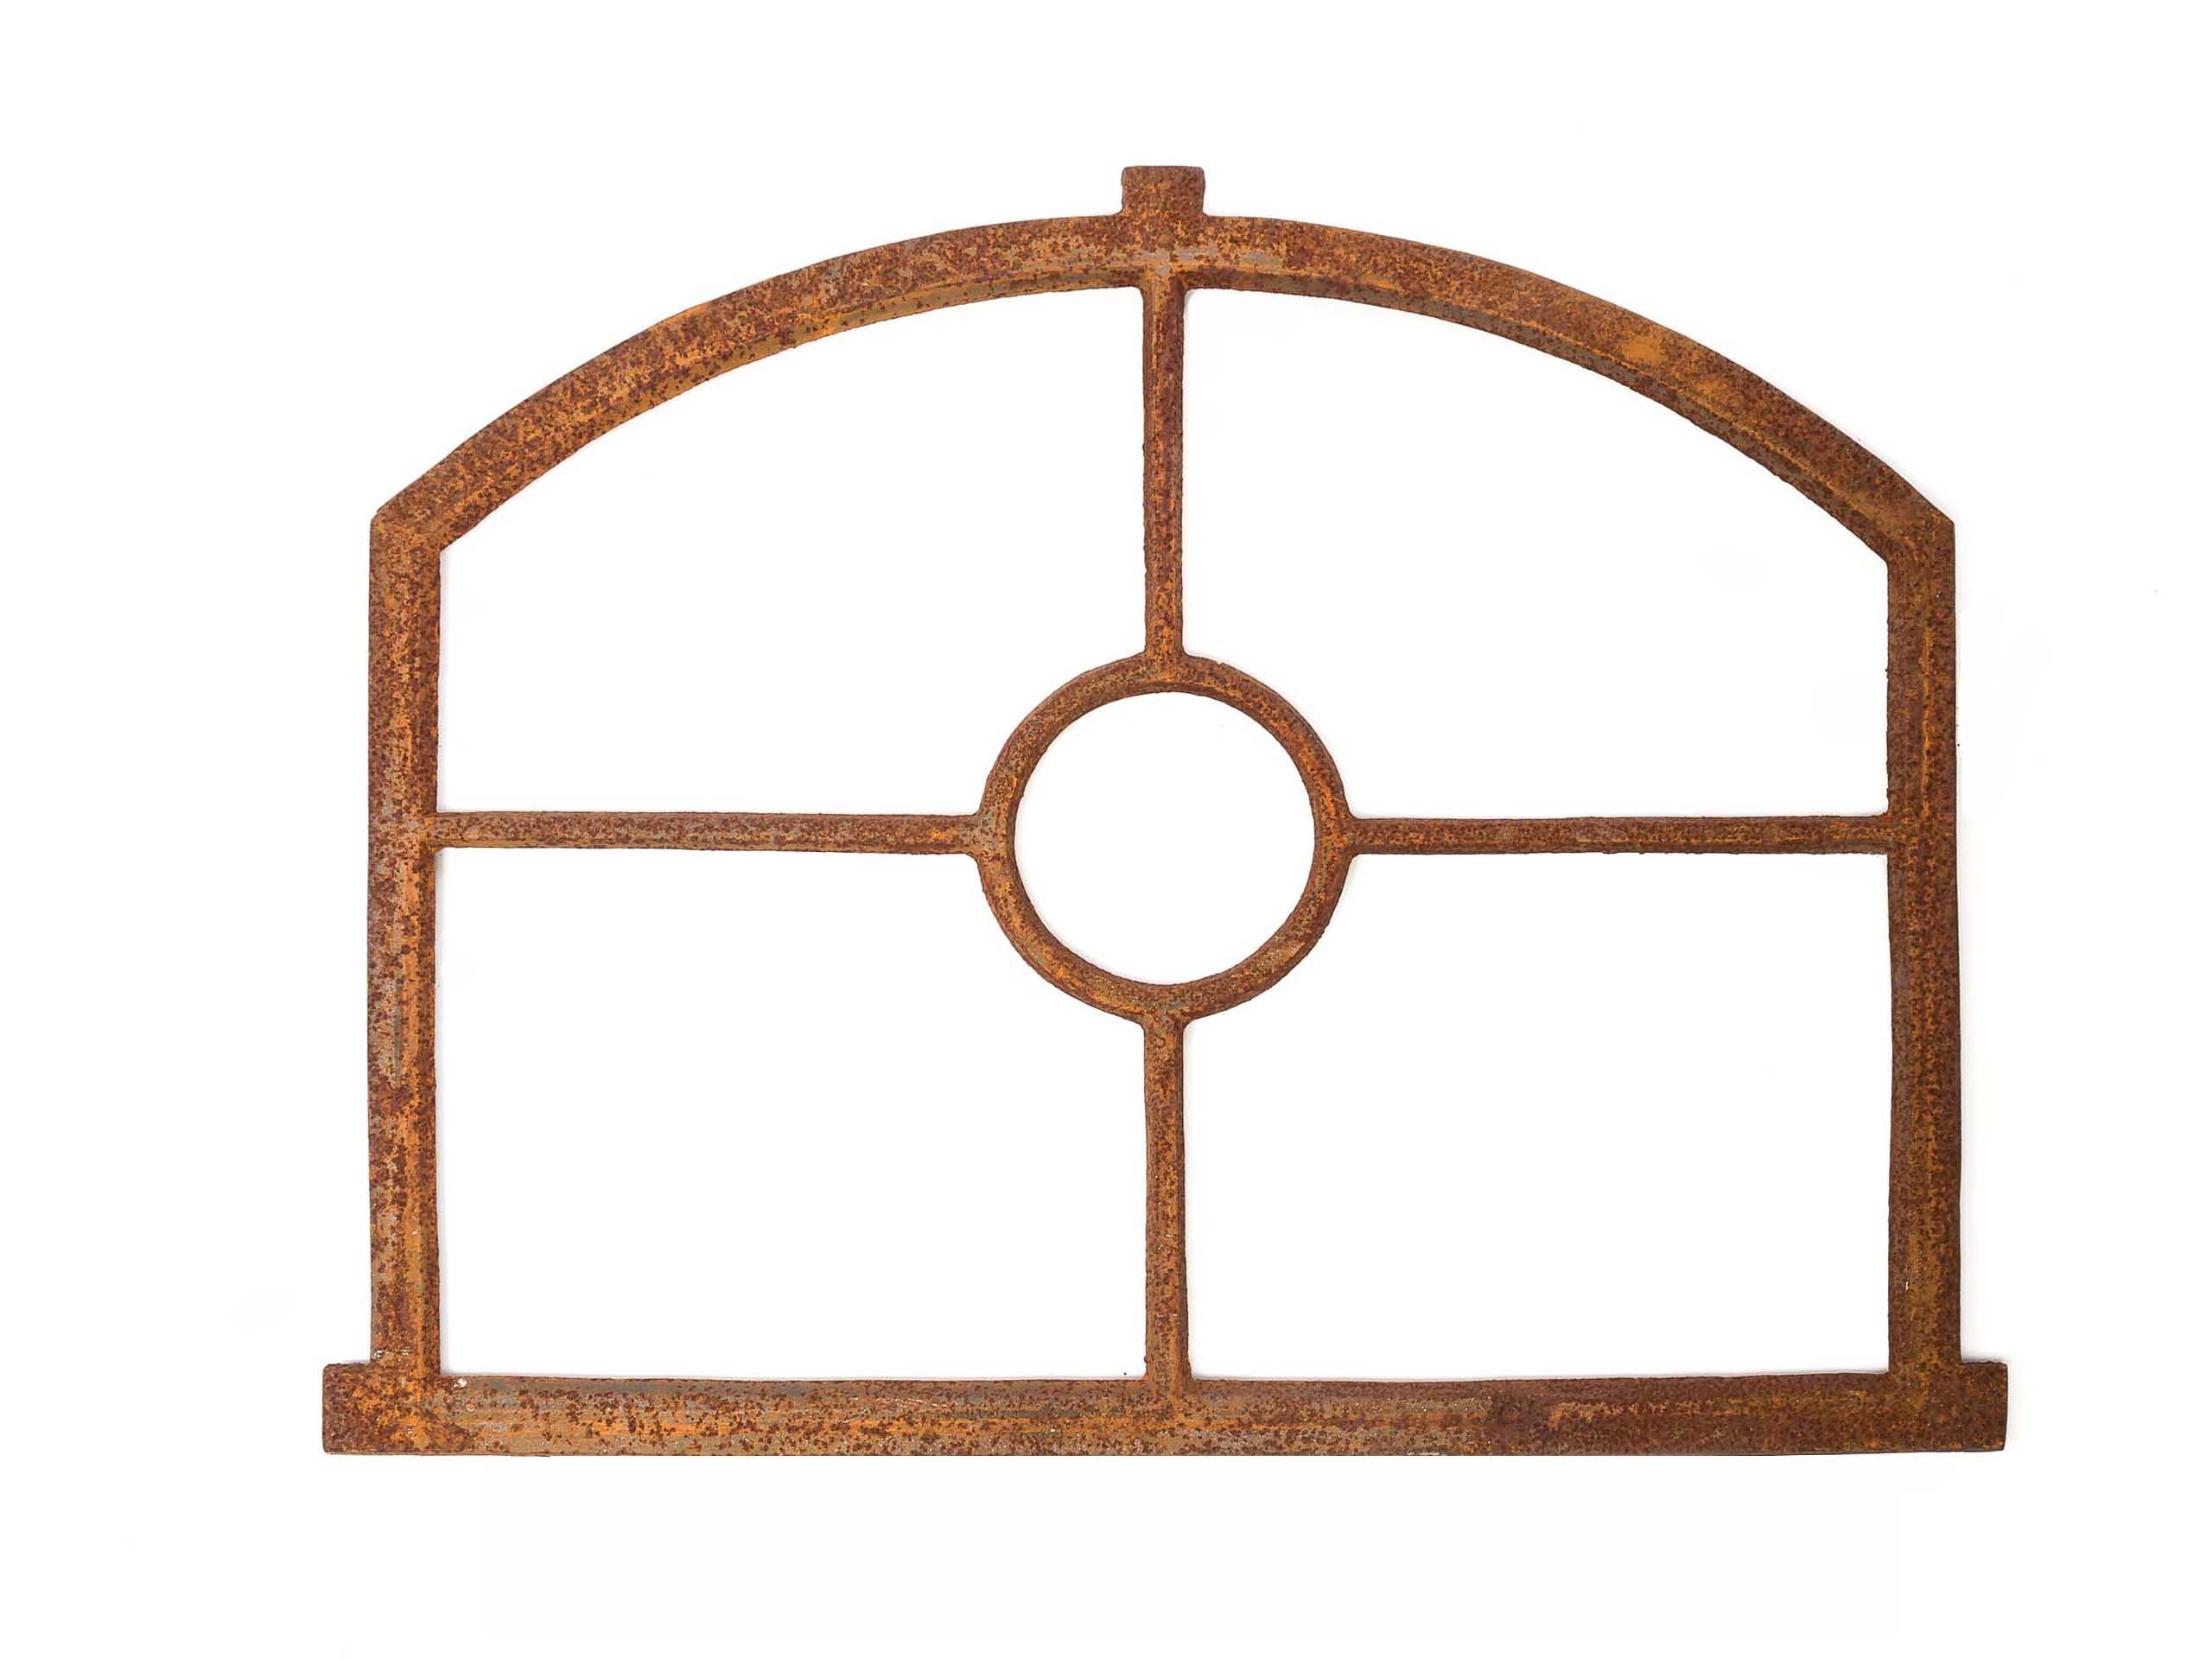 nostalgie stallfenster fenster 55x70cm eisen gusseisen rost antik stil aubaho. Black Bedroom Furniture Sets. Home Design Ideas